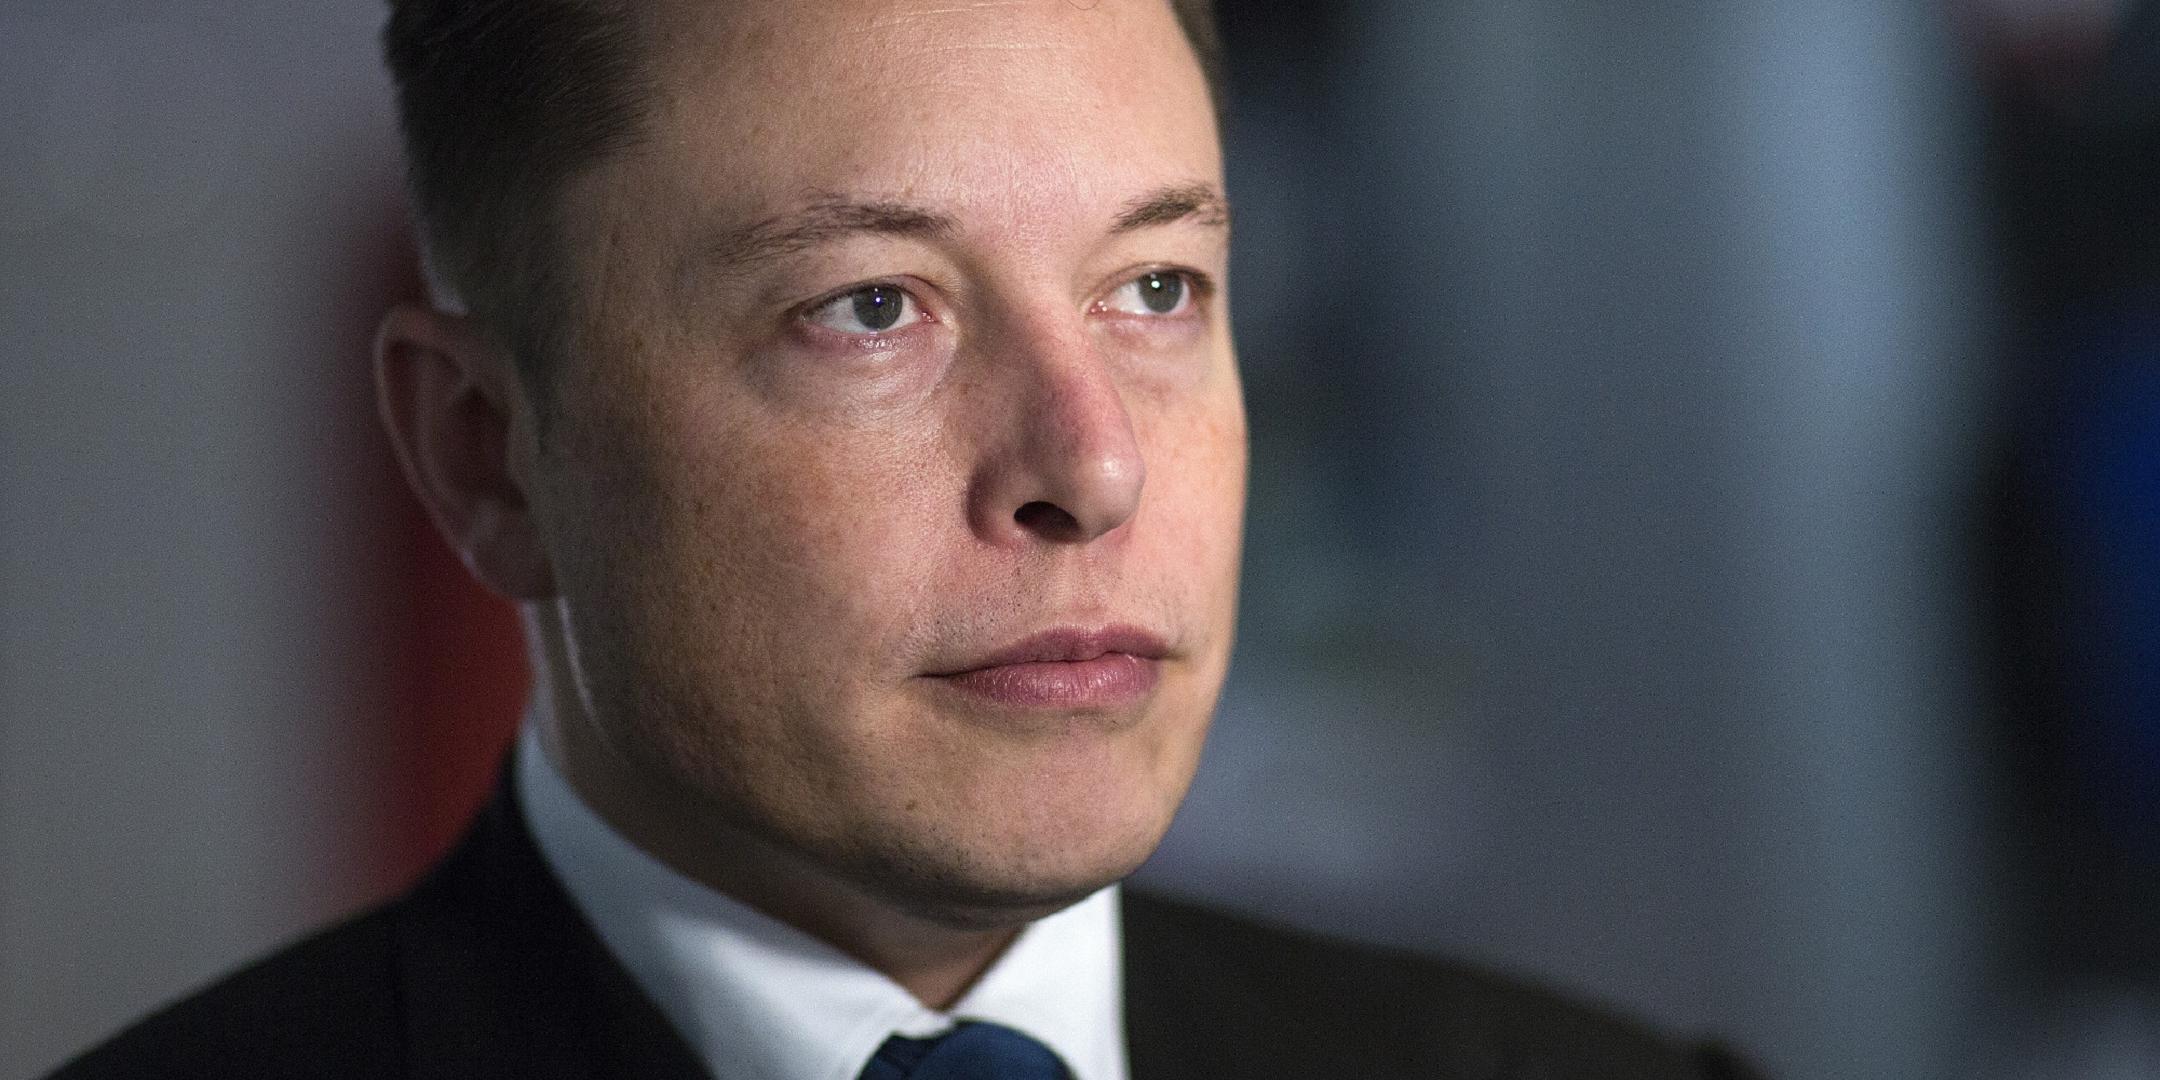 Elon Musk Full Hd